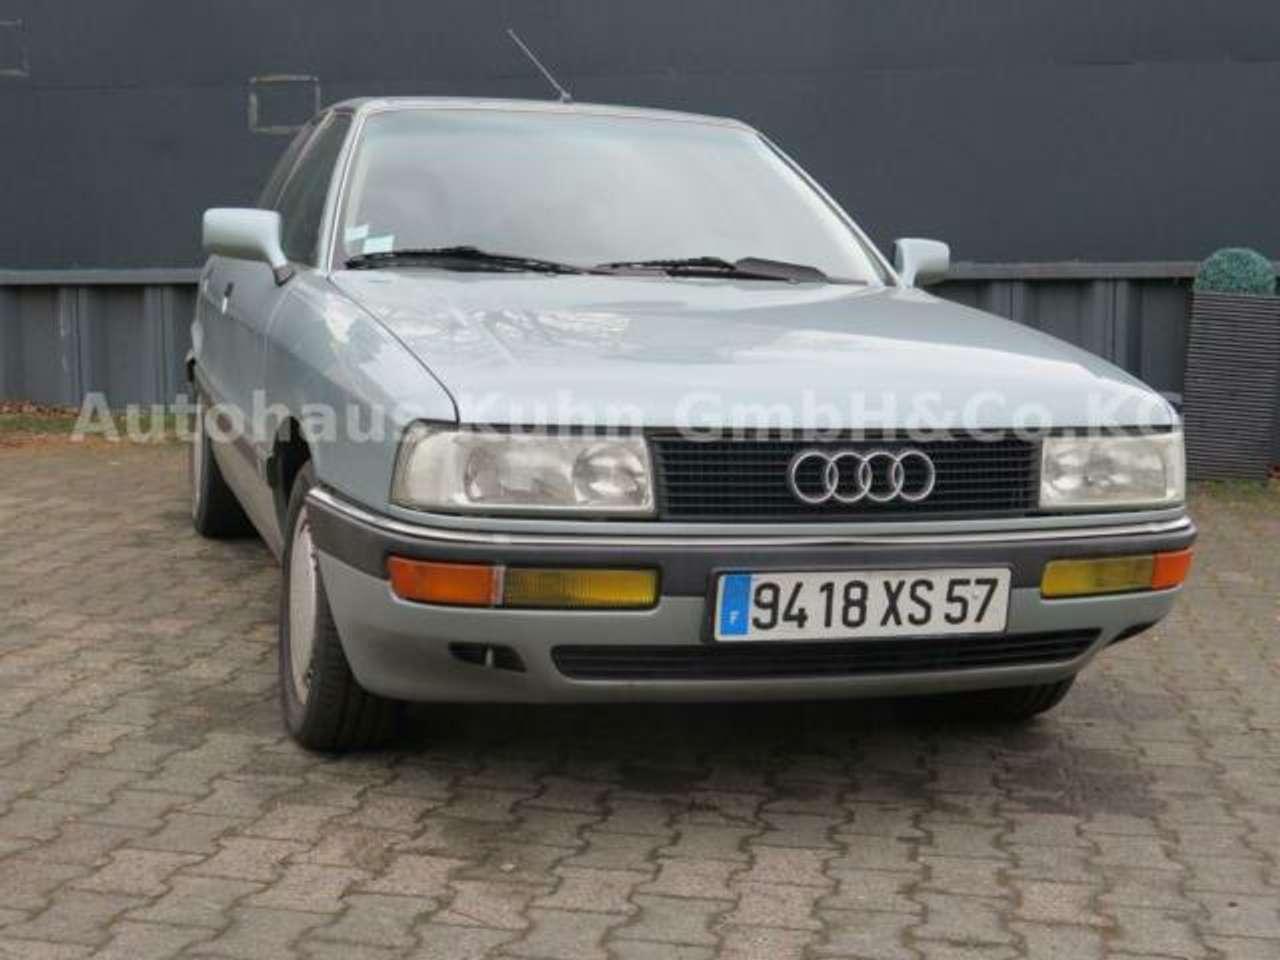 Autos nach Audi 90